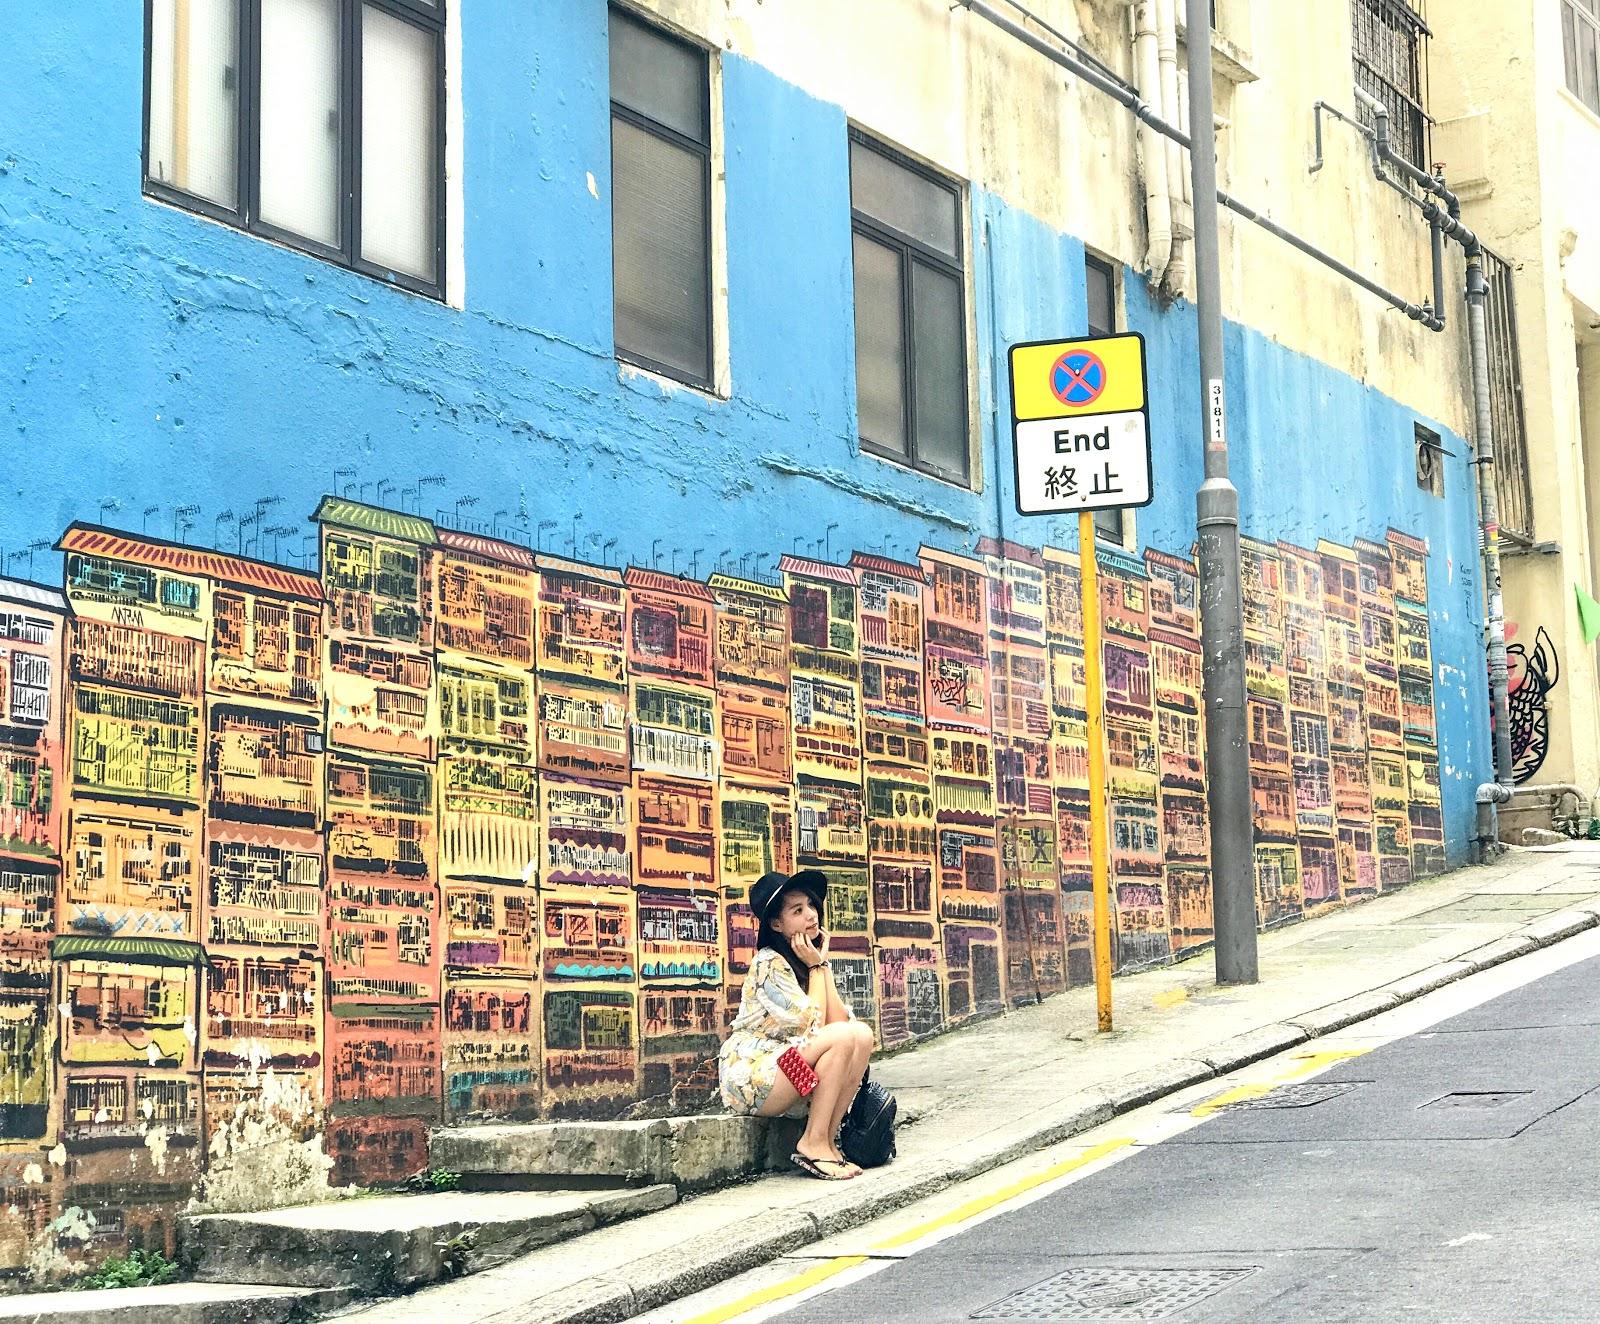 Aepert Images: 香港中環嘉咸街(壁畫) │ Aug.2017